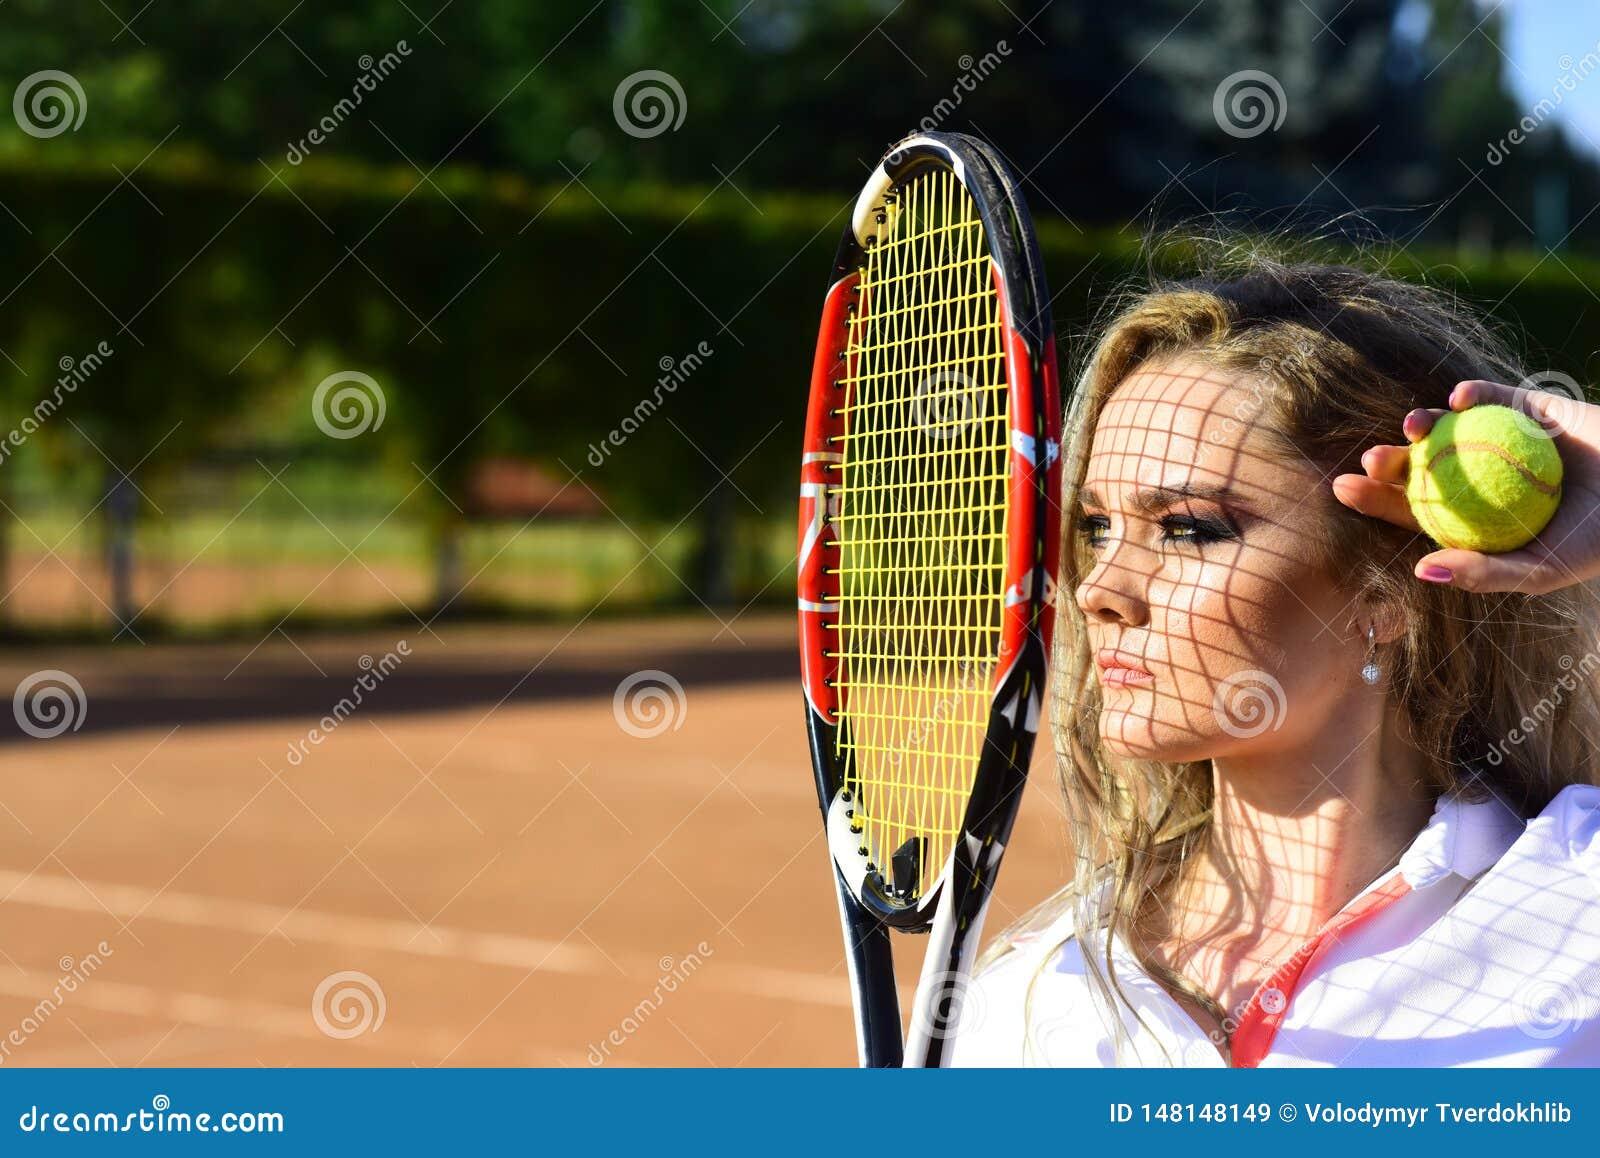 Vrouw met netto schaduw op gezicht op zonnige dag